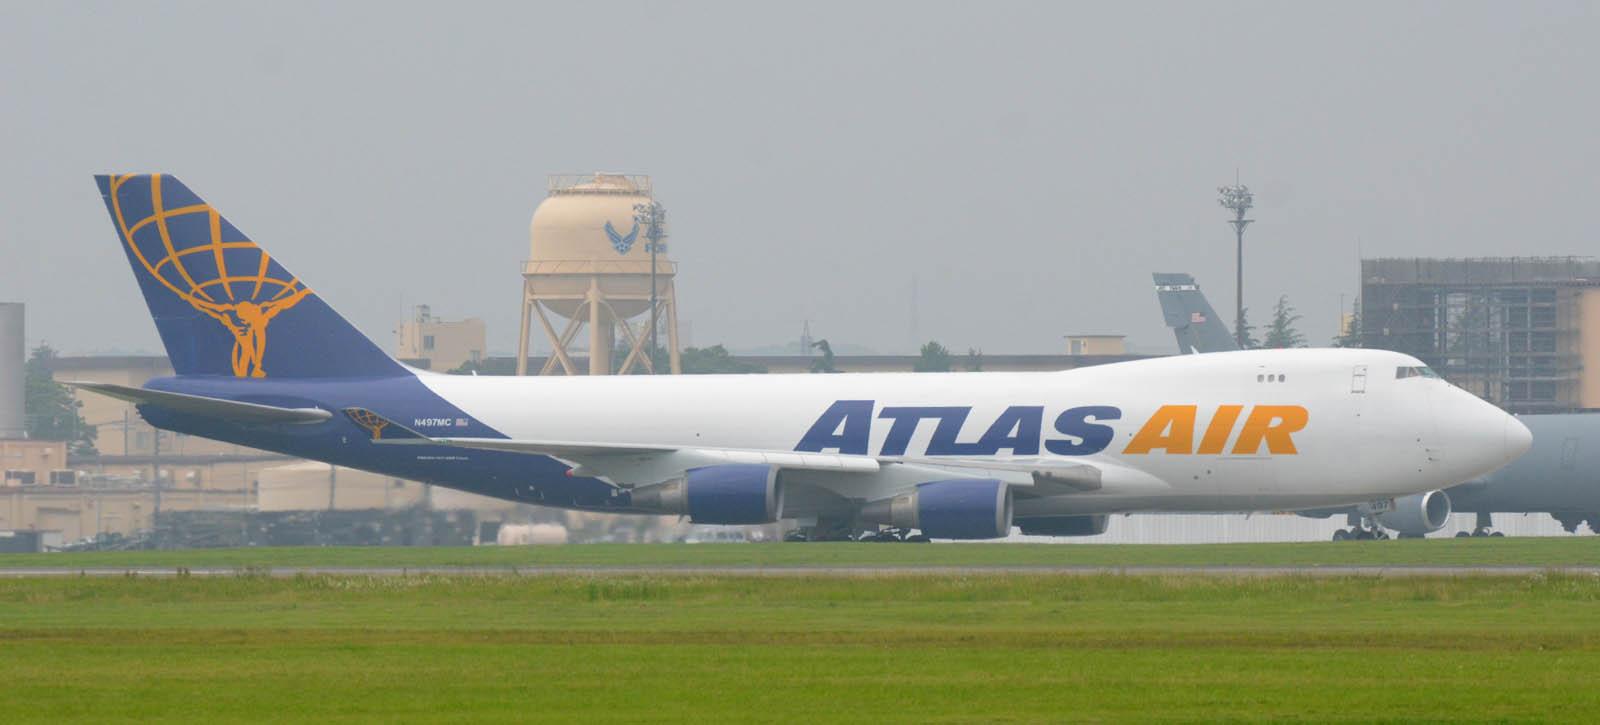 Atlas140624g587